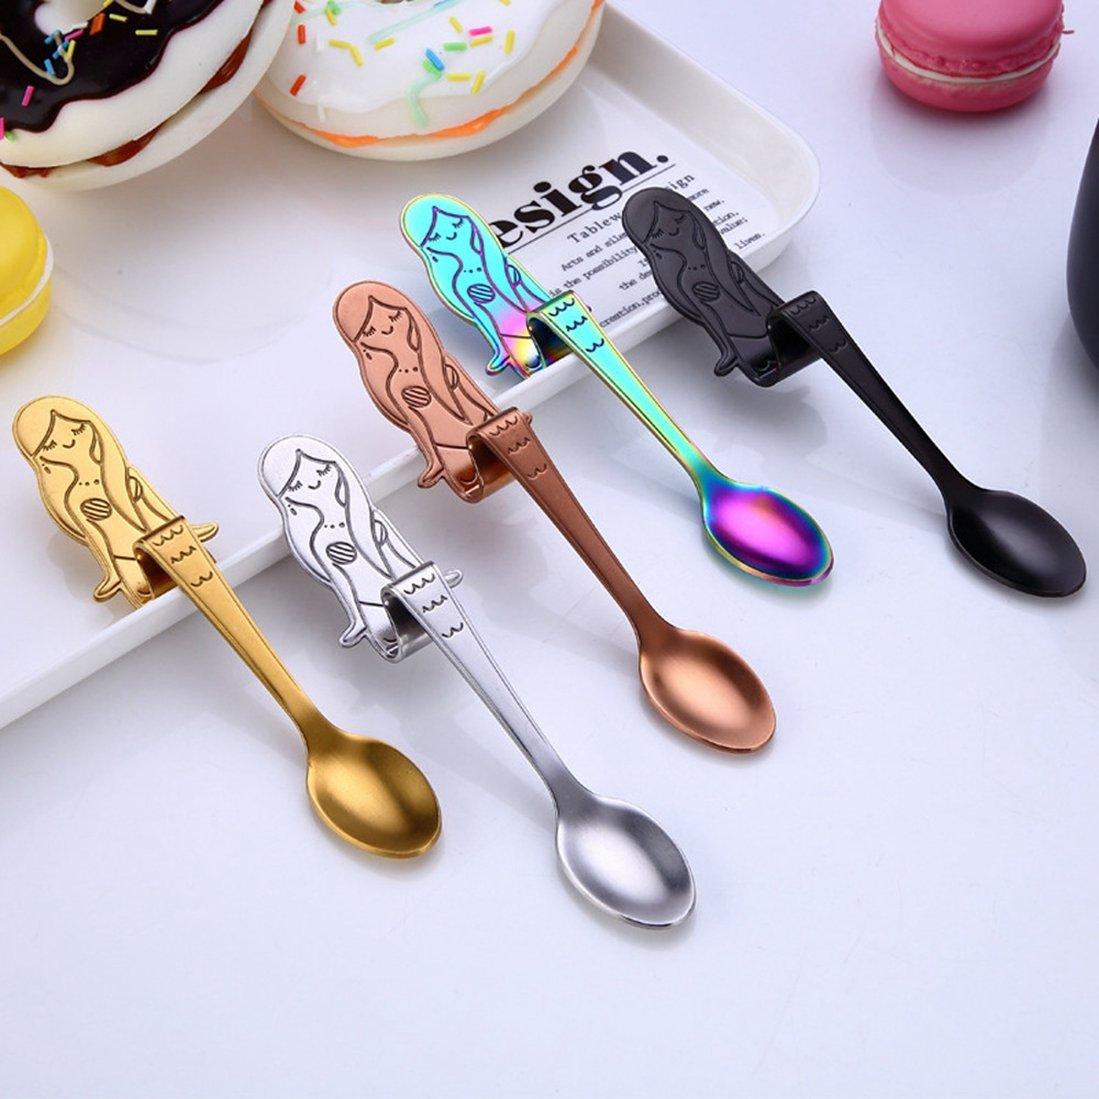 saihui cucharas de acero inoxidable cuchara de café, vajilla, diseño de sirena, agitación cuchara, azúcar cuchara cubiertos cocina Gadget Multicolor: ...